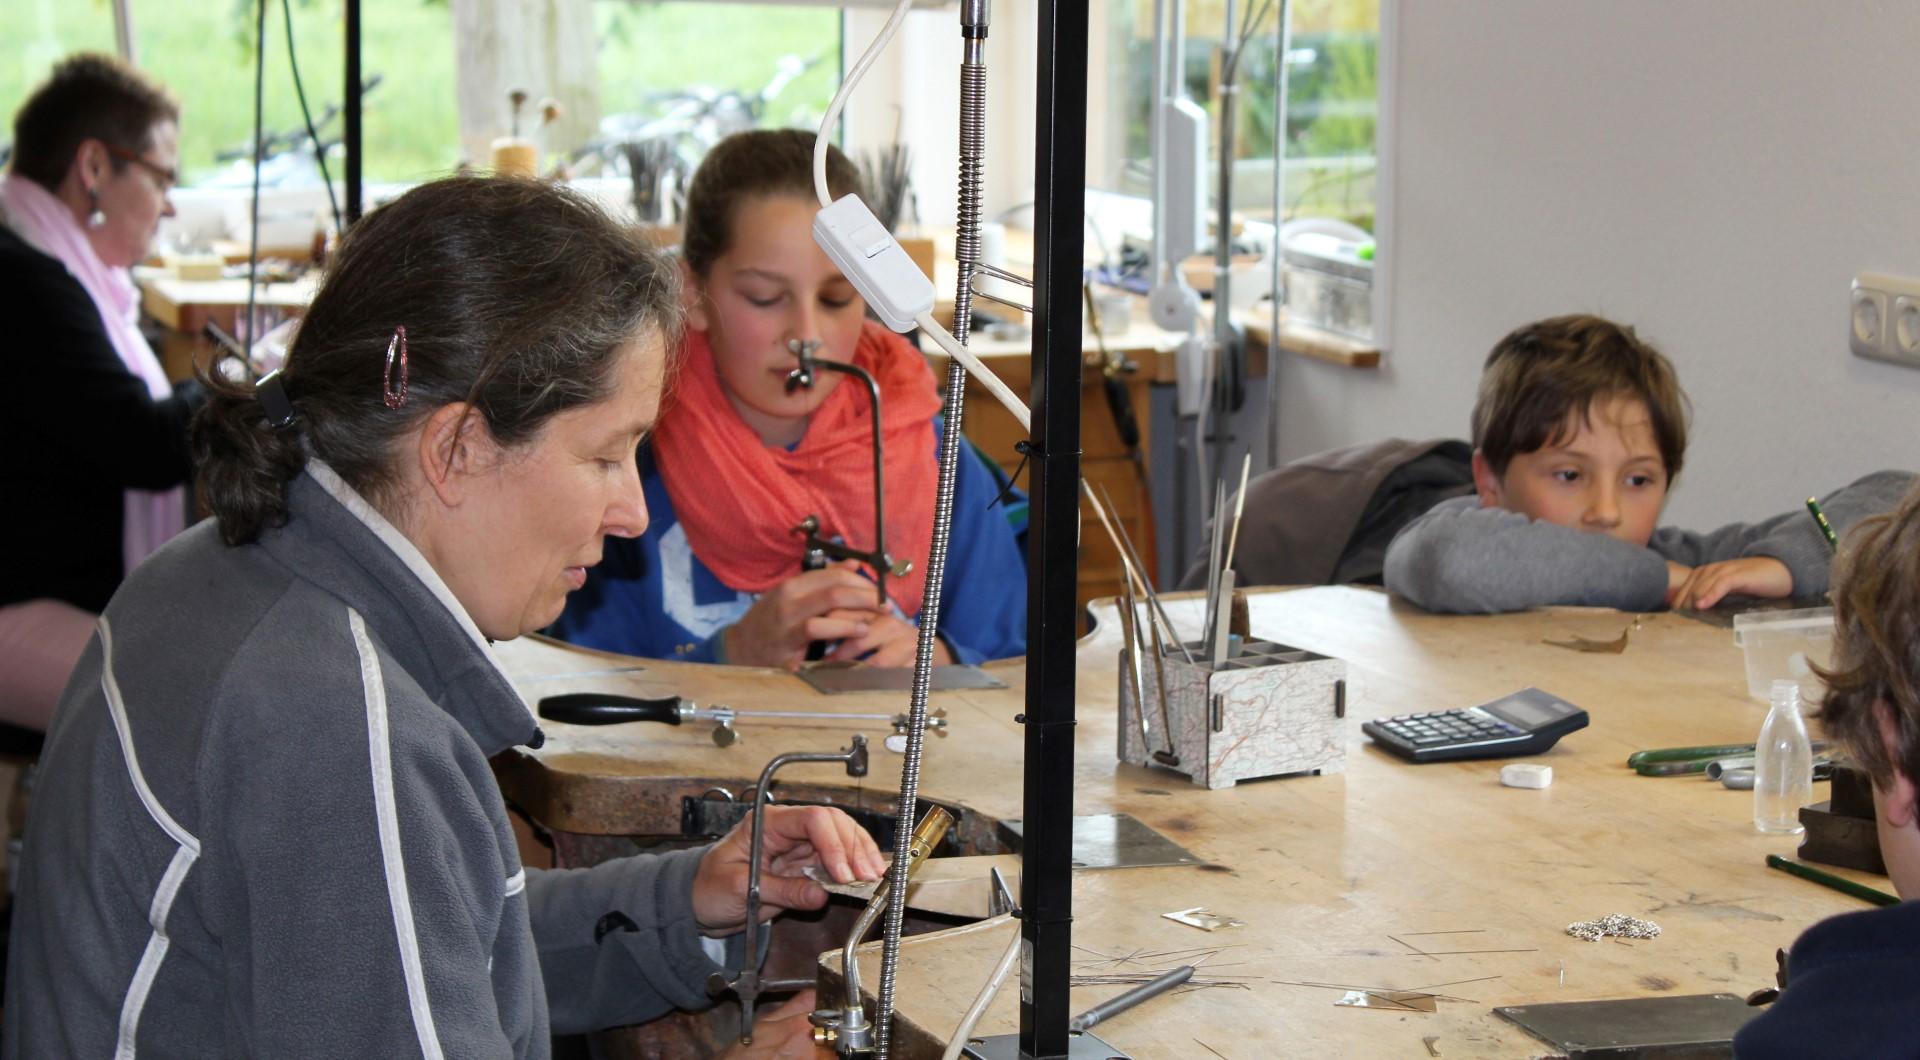 Kulturelle Landpartie in Blütlingen - Goldschmiedeworkshop